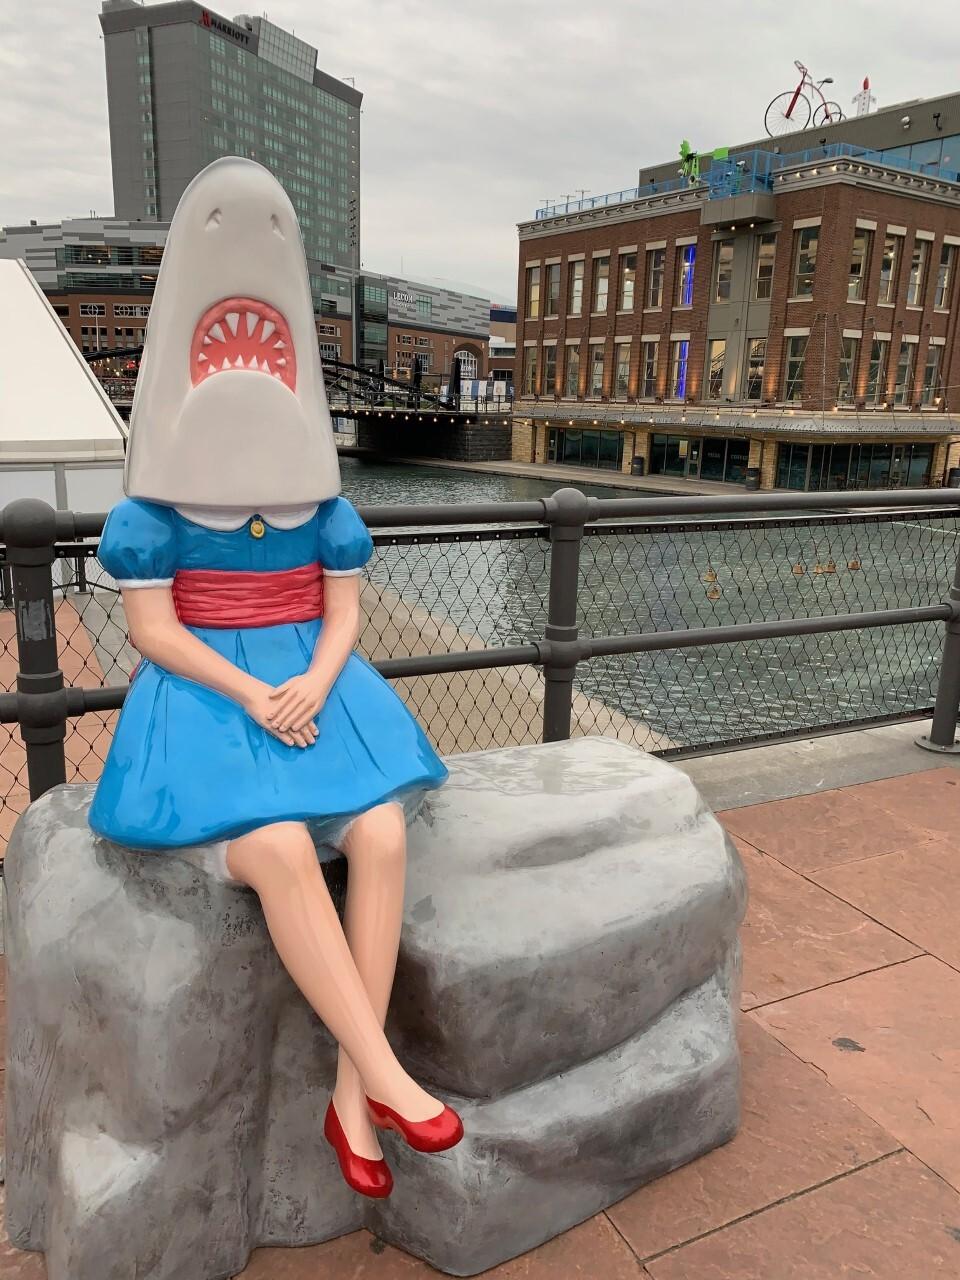 shark girl.jpeg